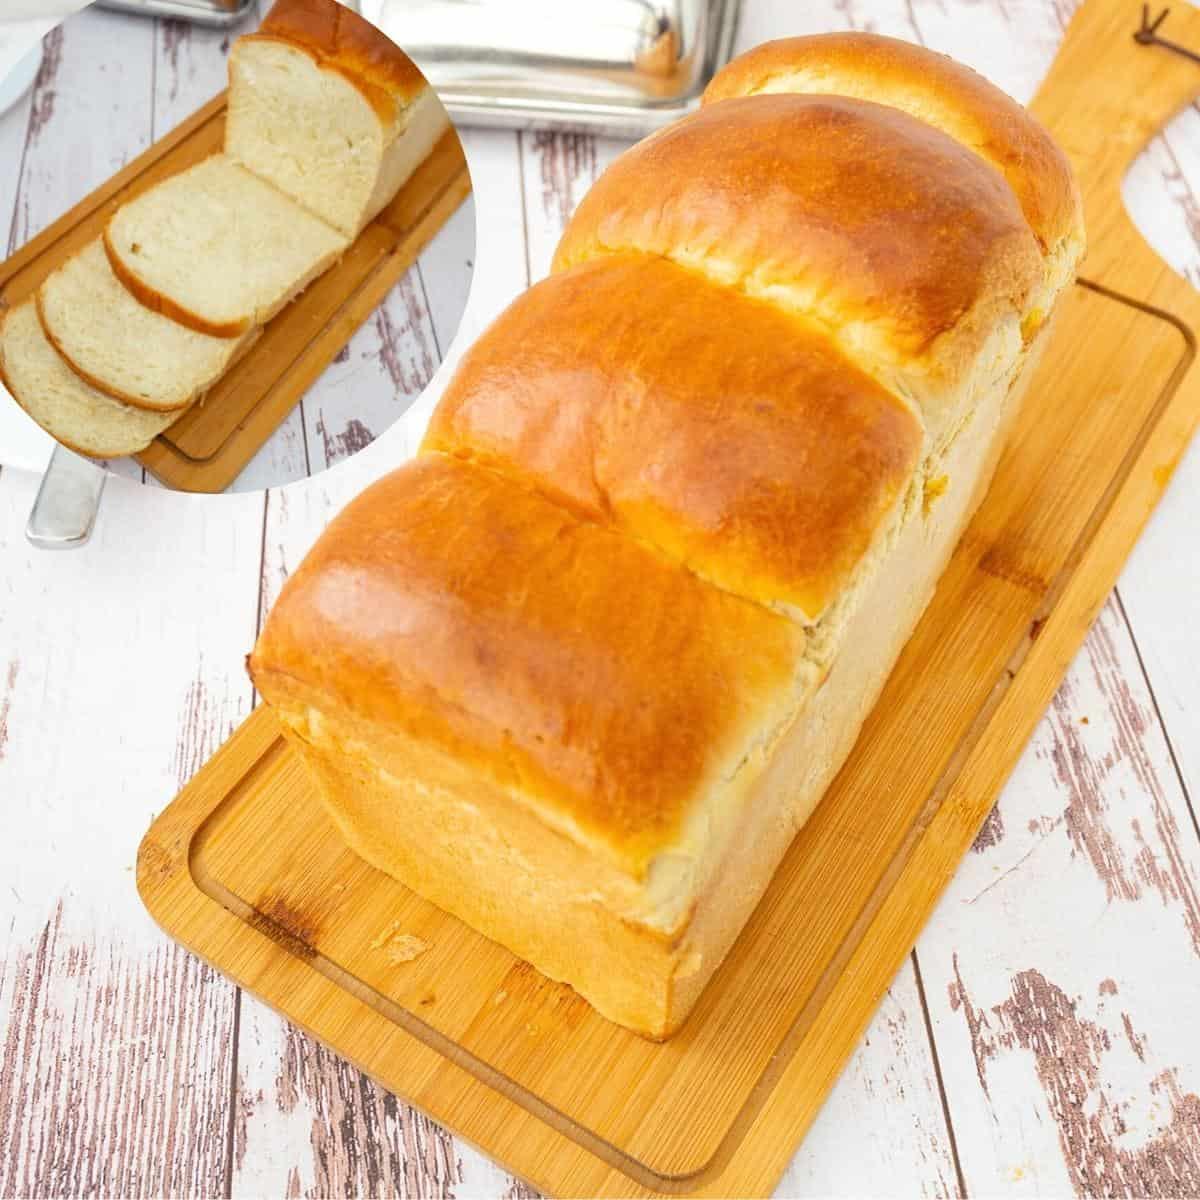 Softest sandwich bread on a wooden board.